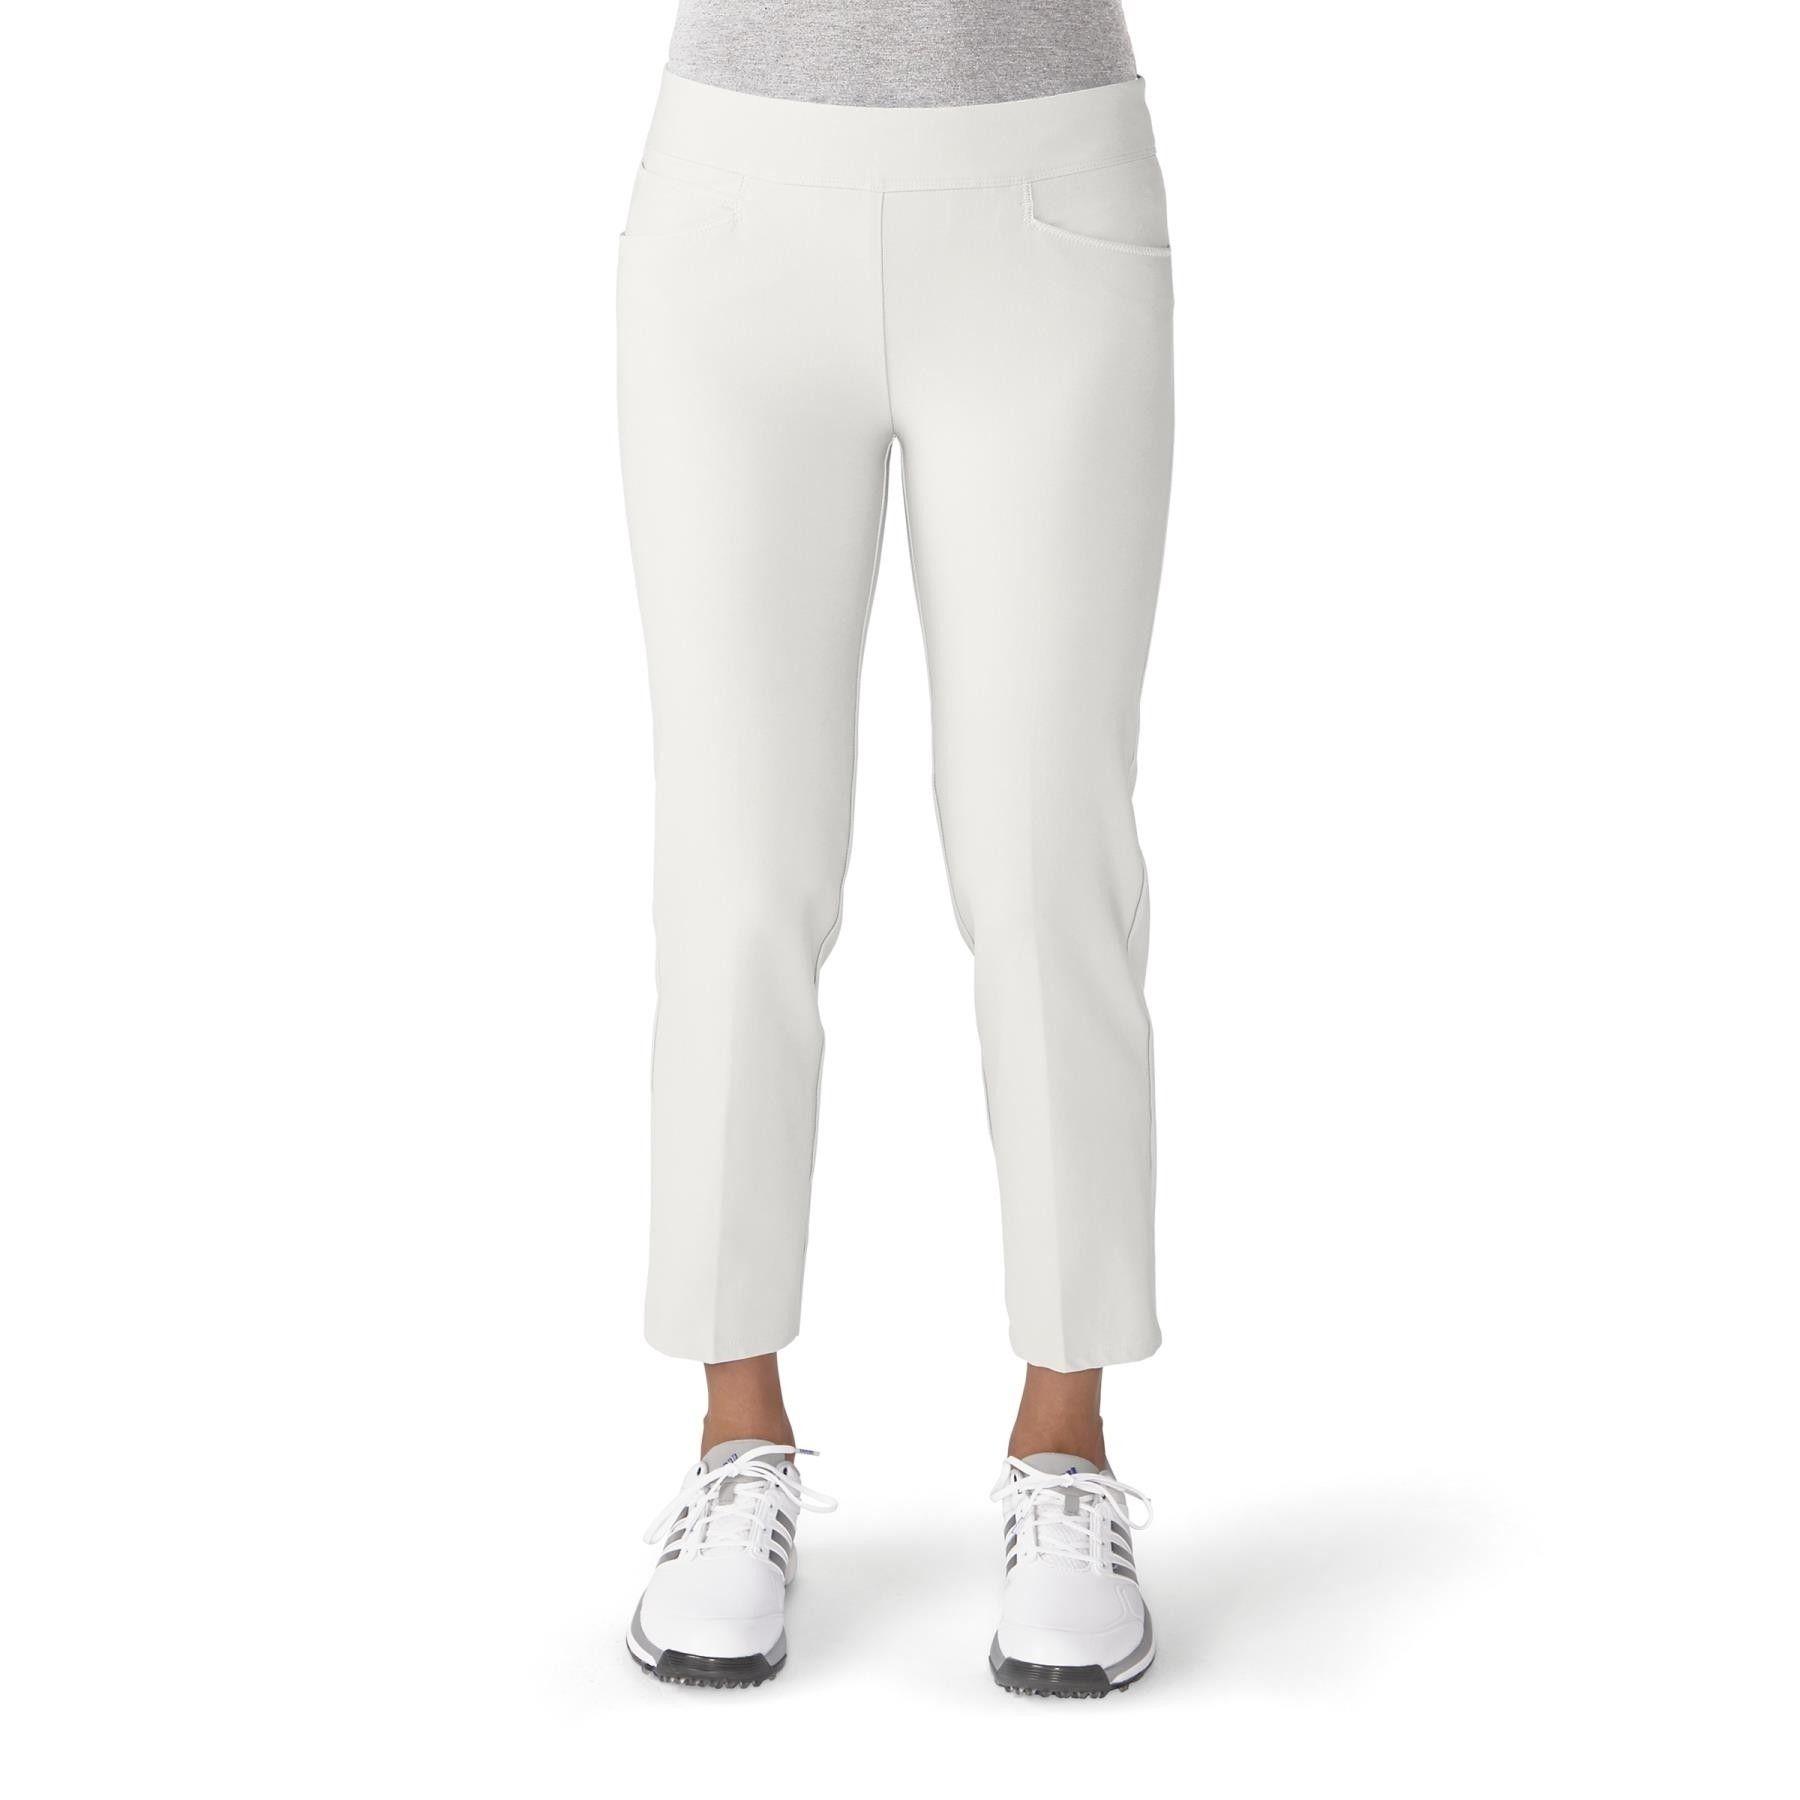 com Grey Pearl Essentials Buengolpe Capri Slim Pantalón B81906 Ia8Ux08w